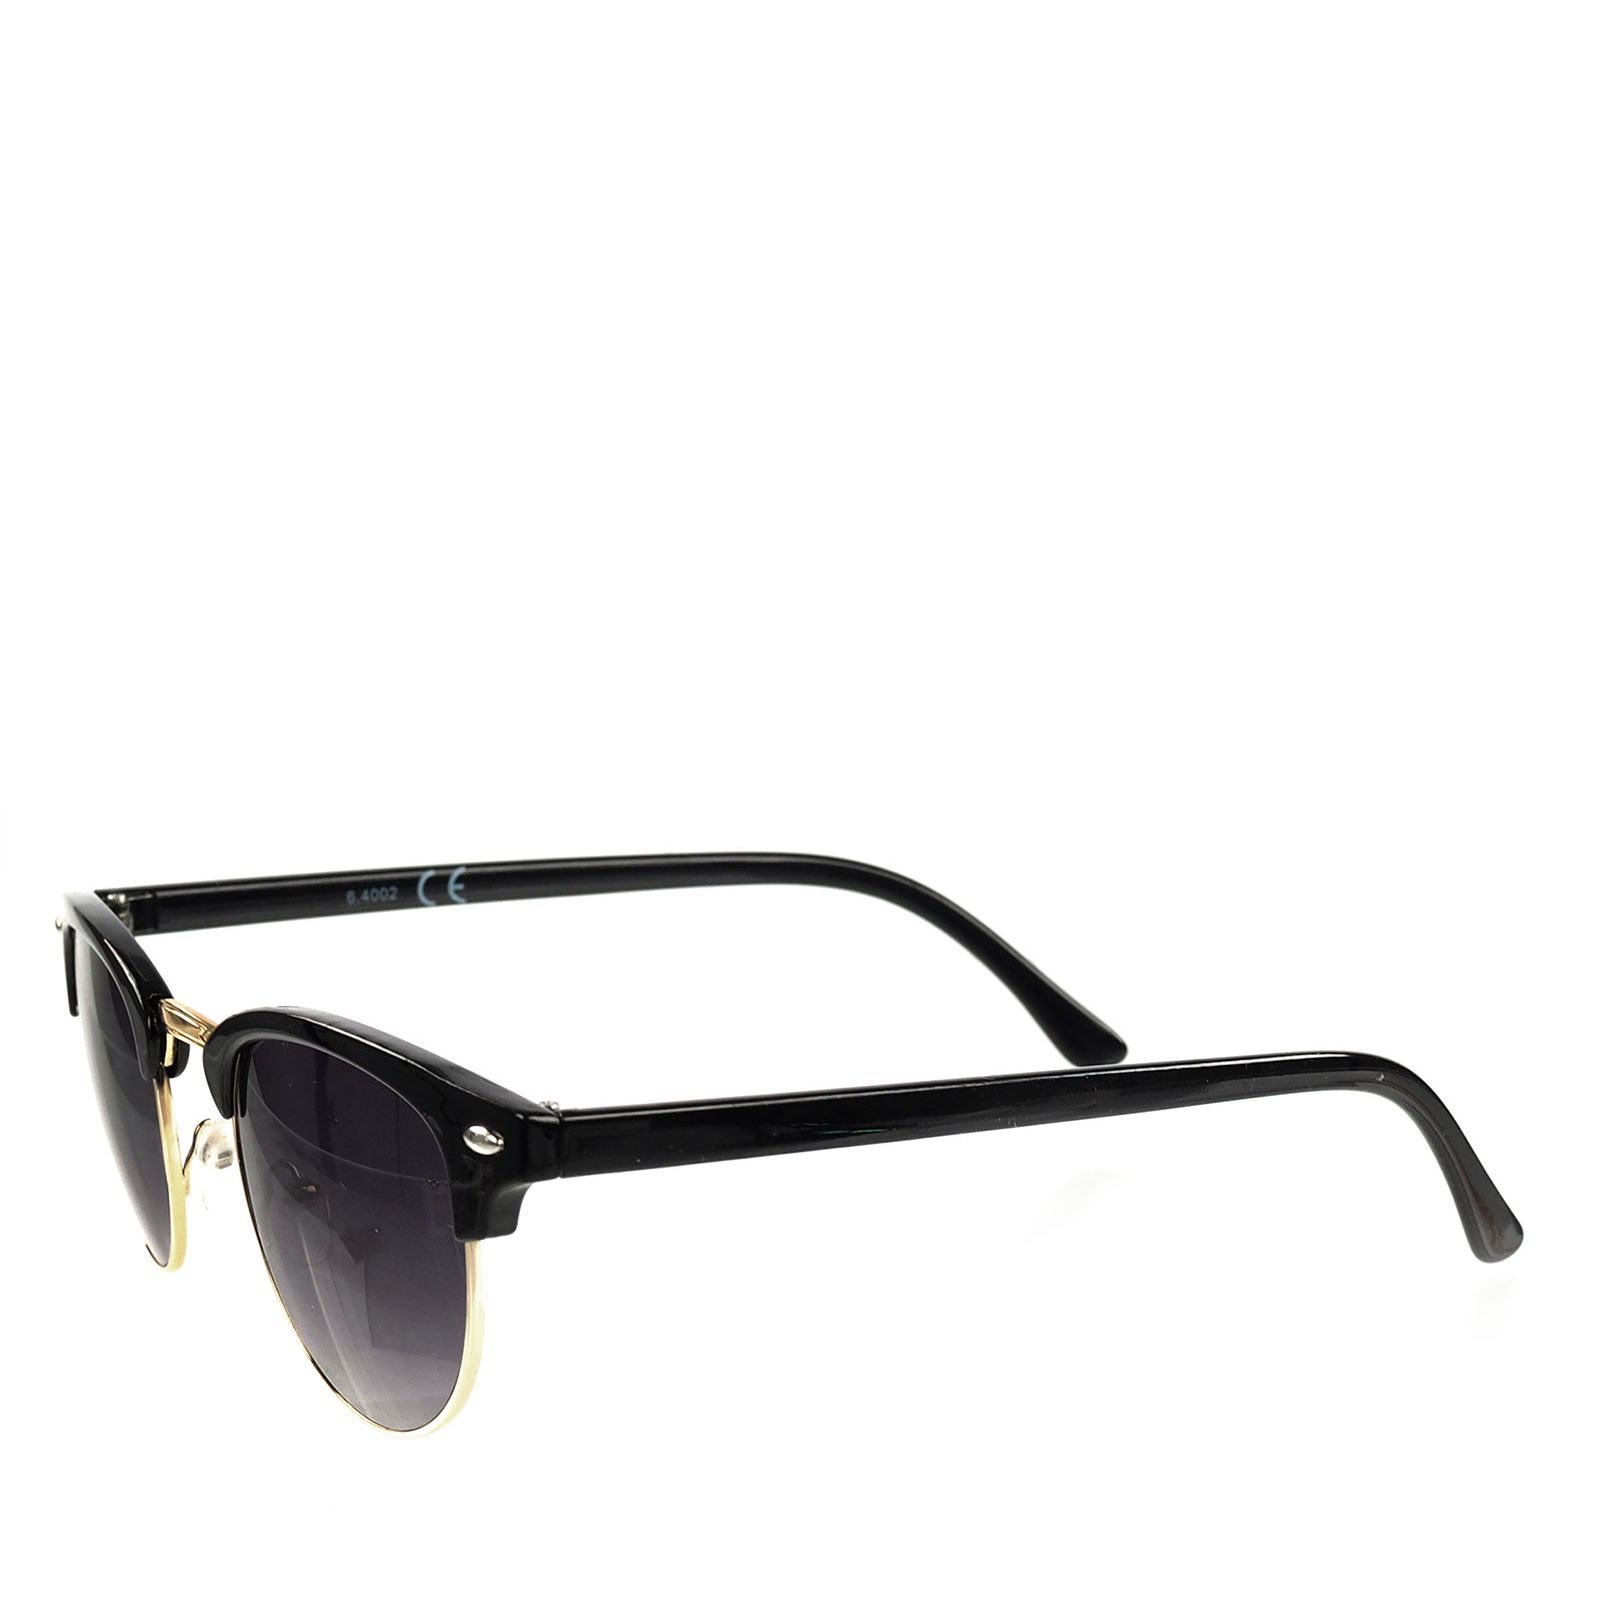 Retro zonnebril accessoires - Accessoire retro ...